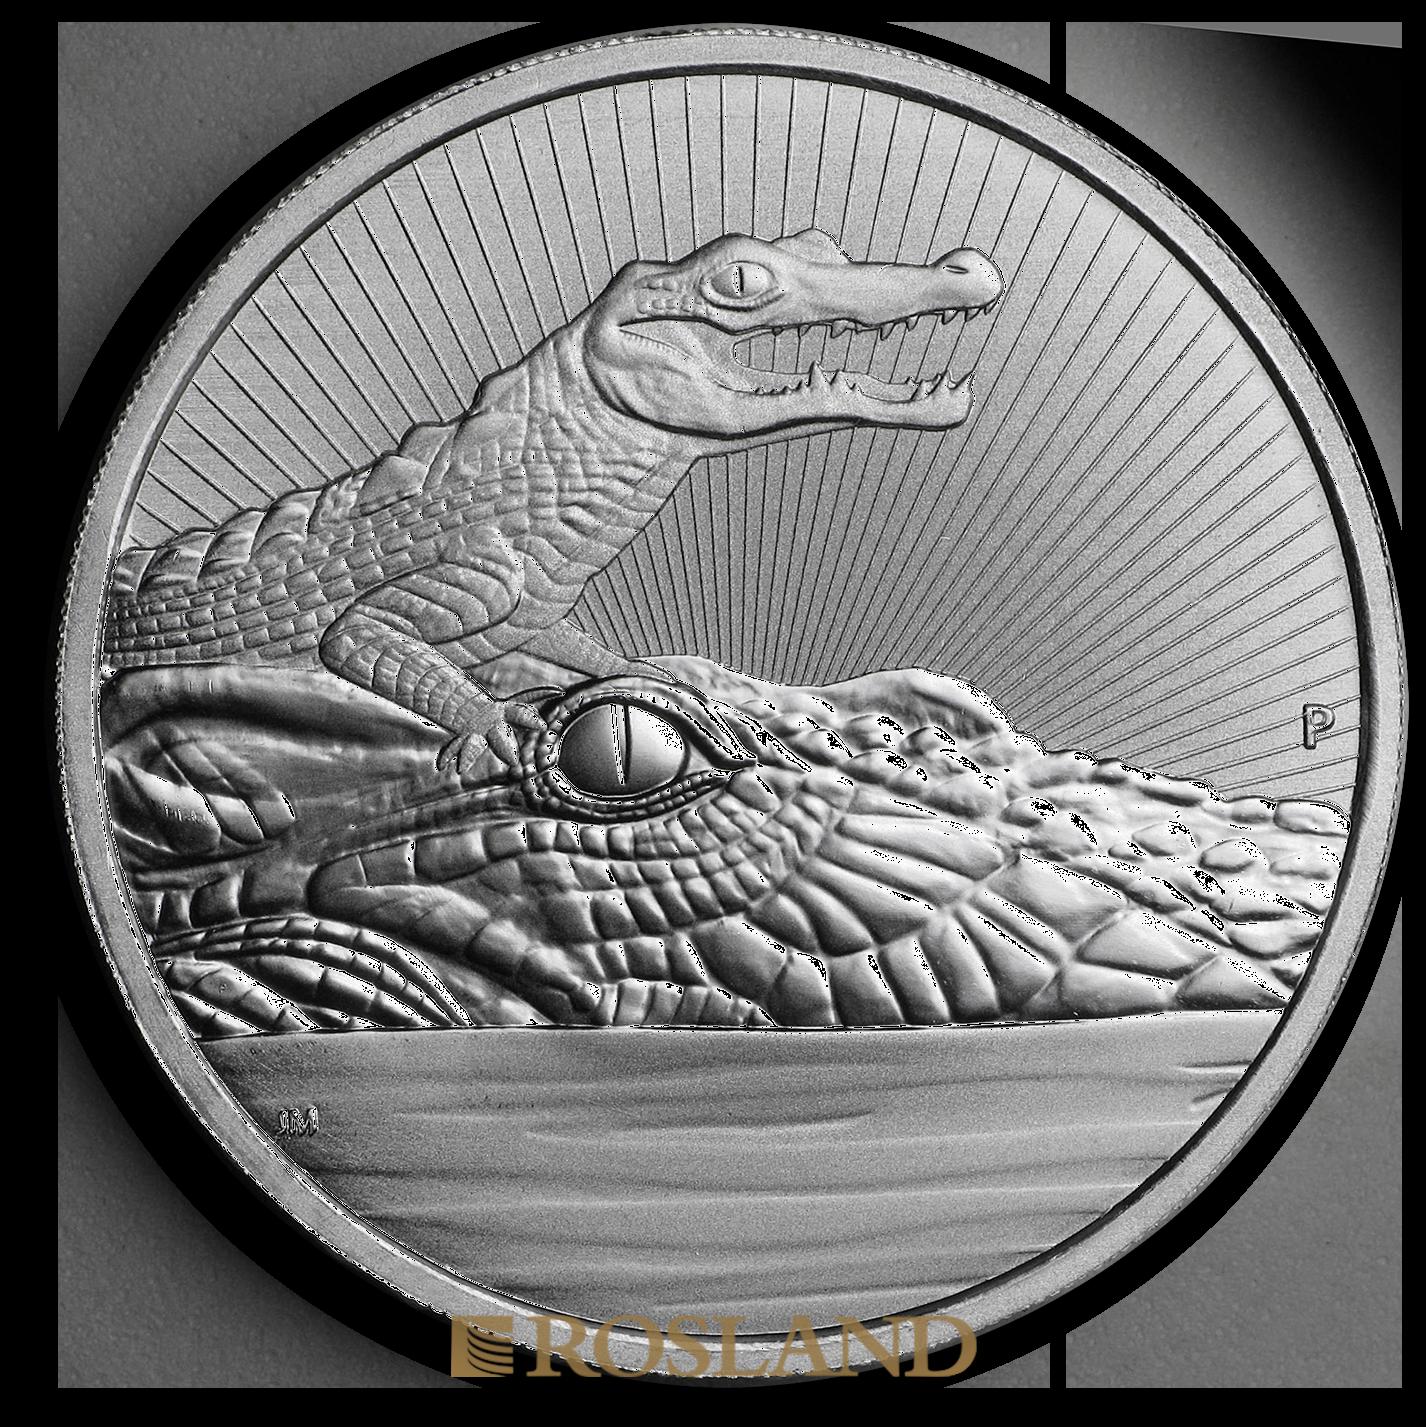 2 Unzen Silbermünze Perth Mint Krokodil 2019